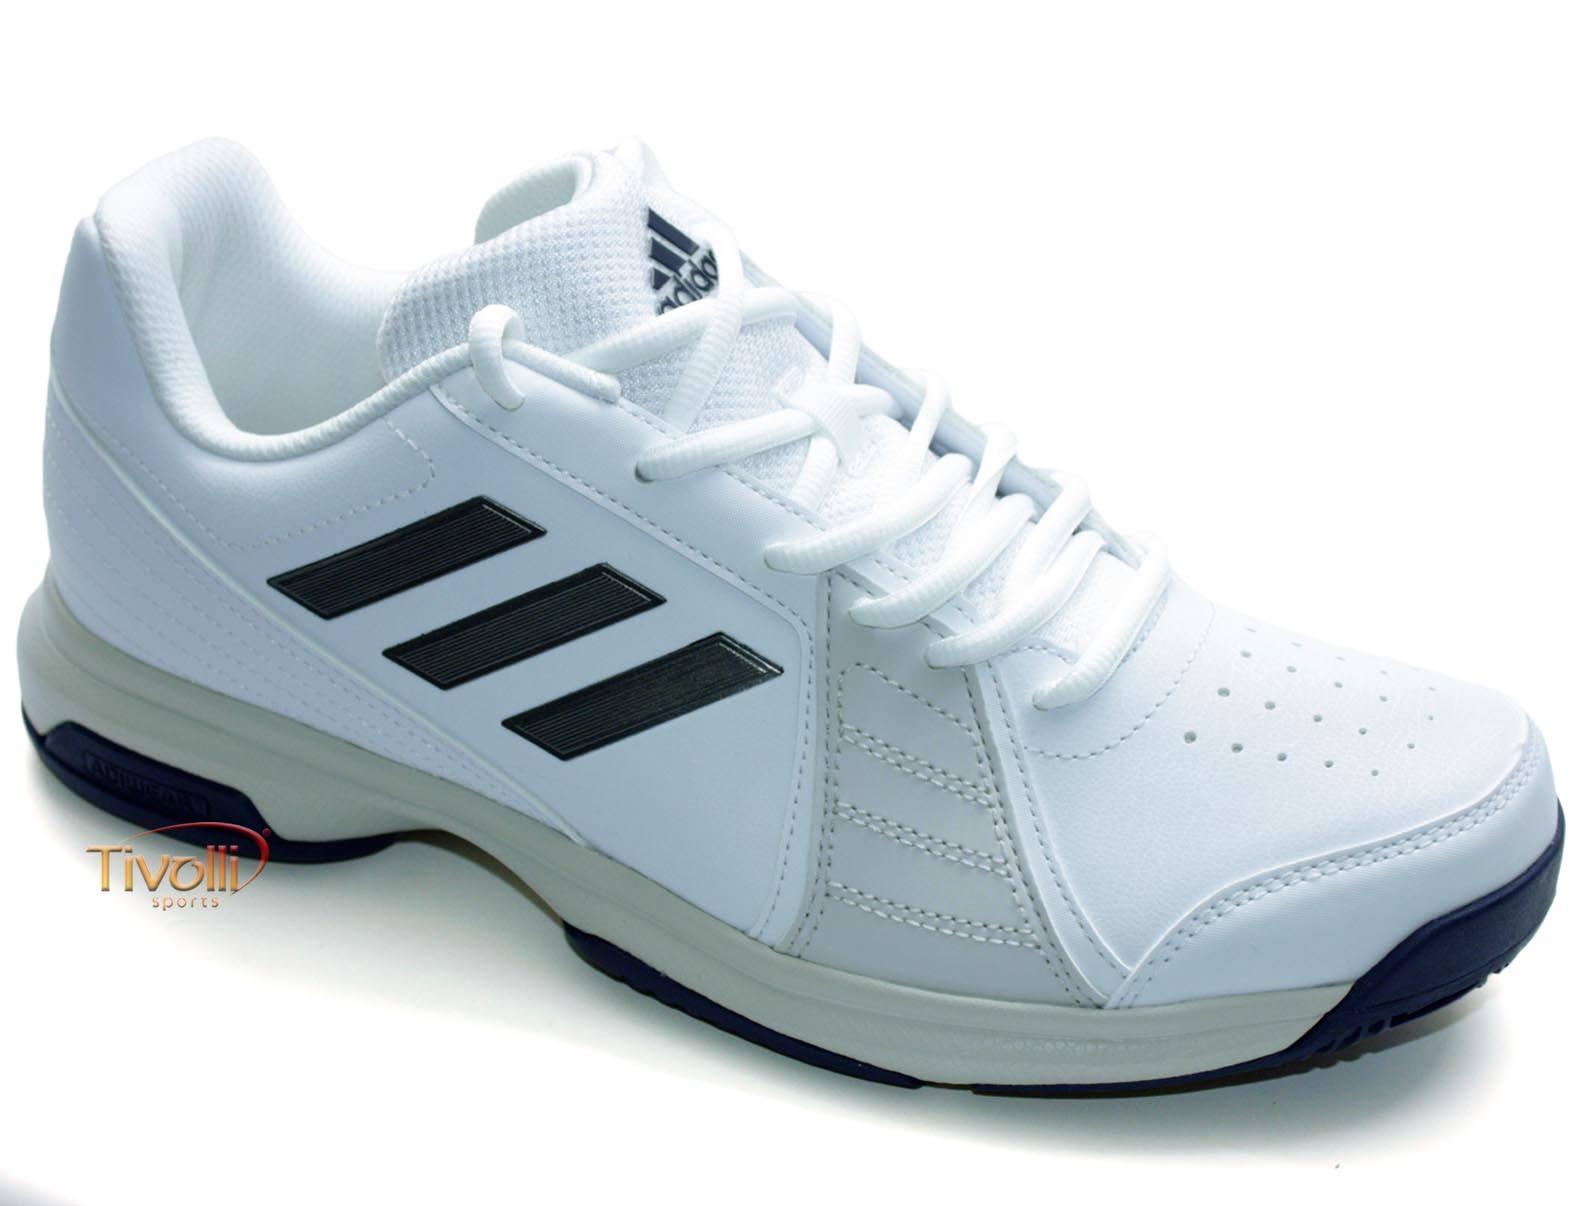 c933641570 Raquete Mania > Tênis Adidas Approach > Branco e Azul